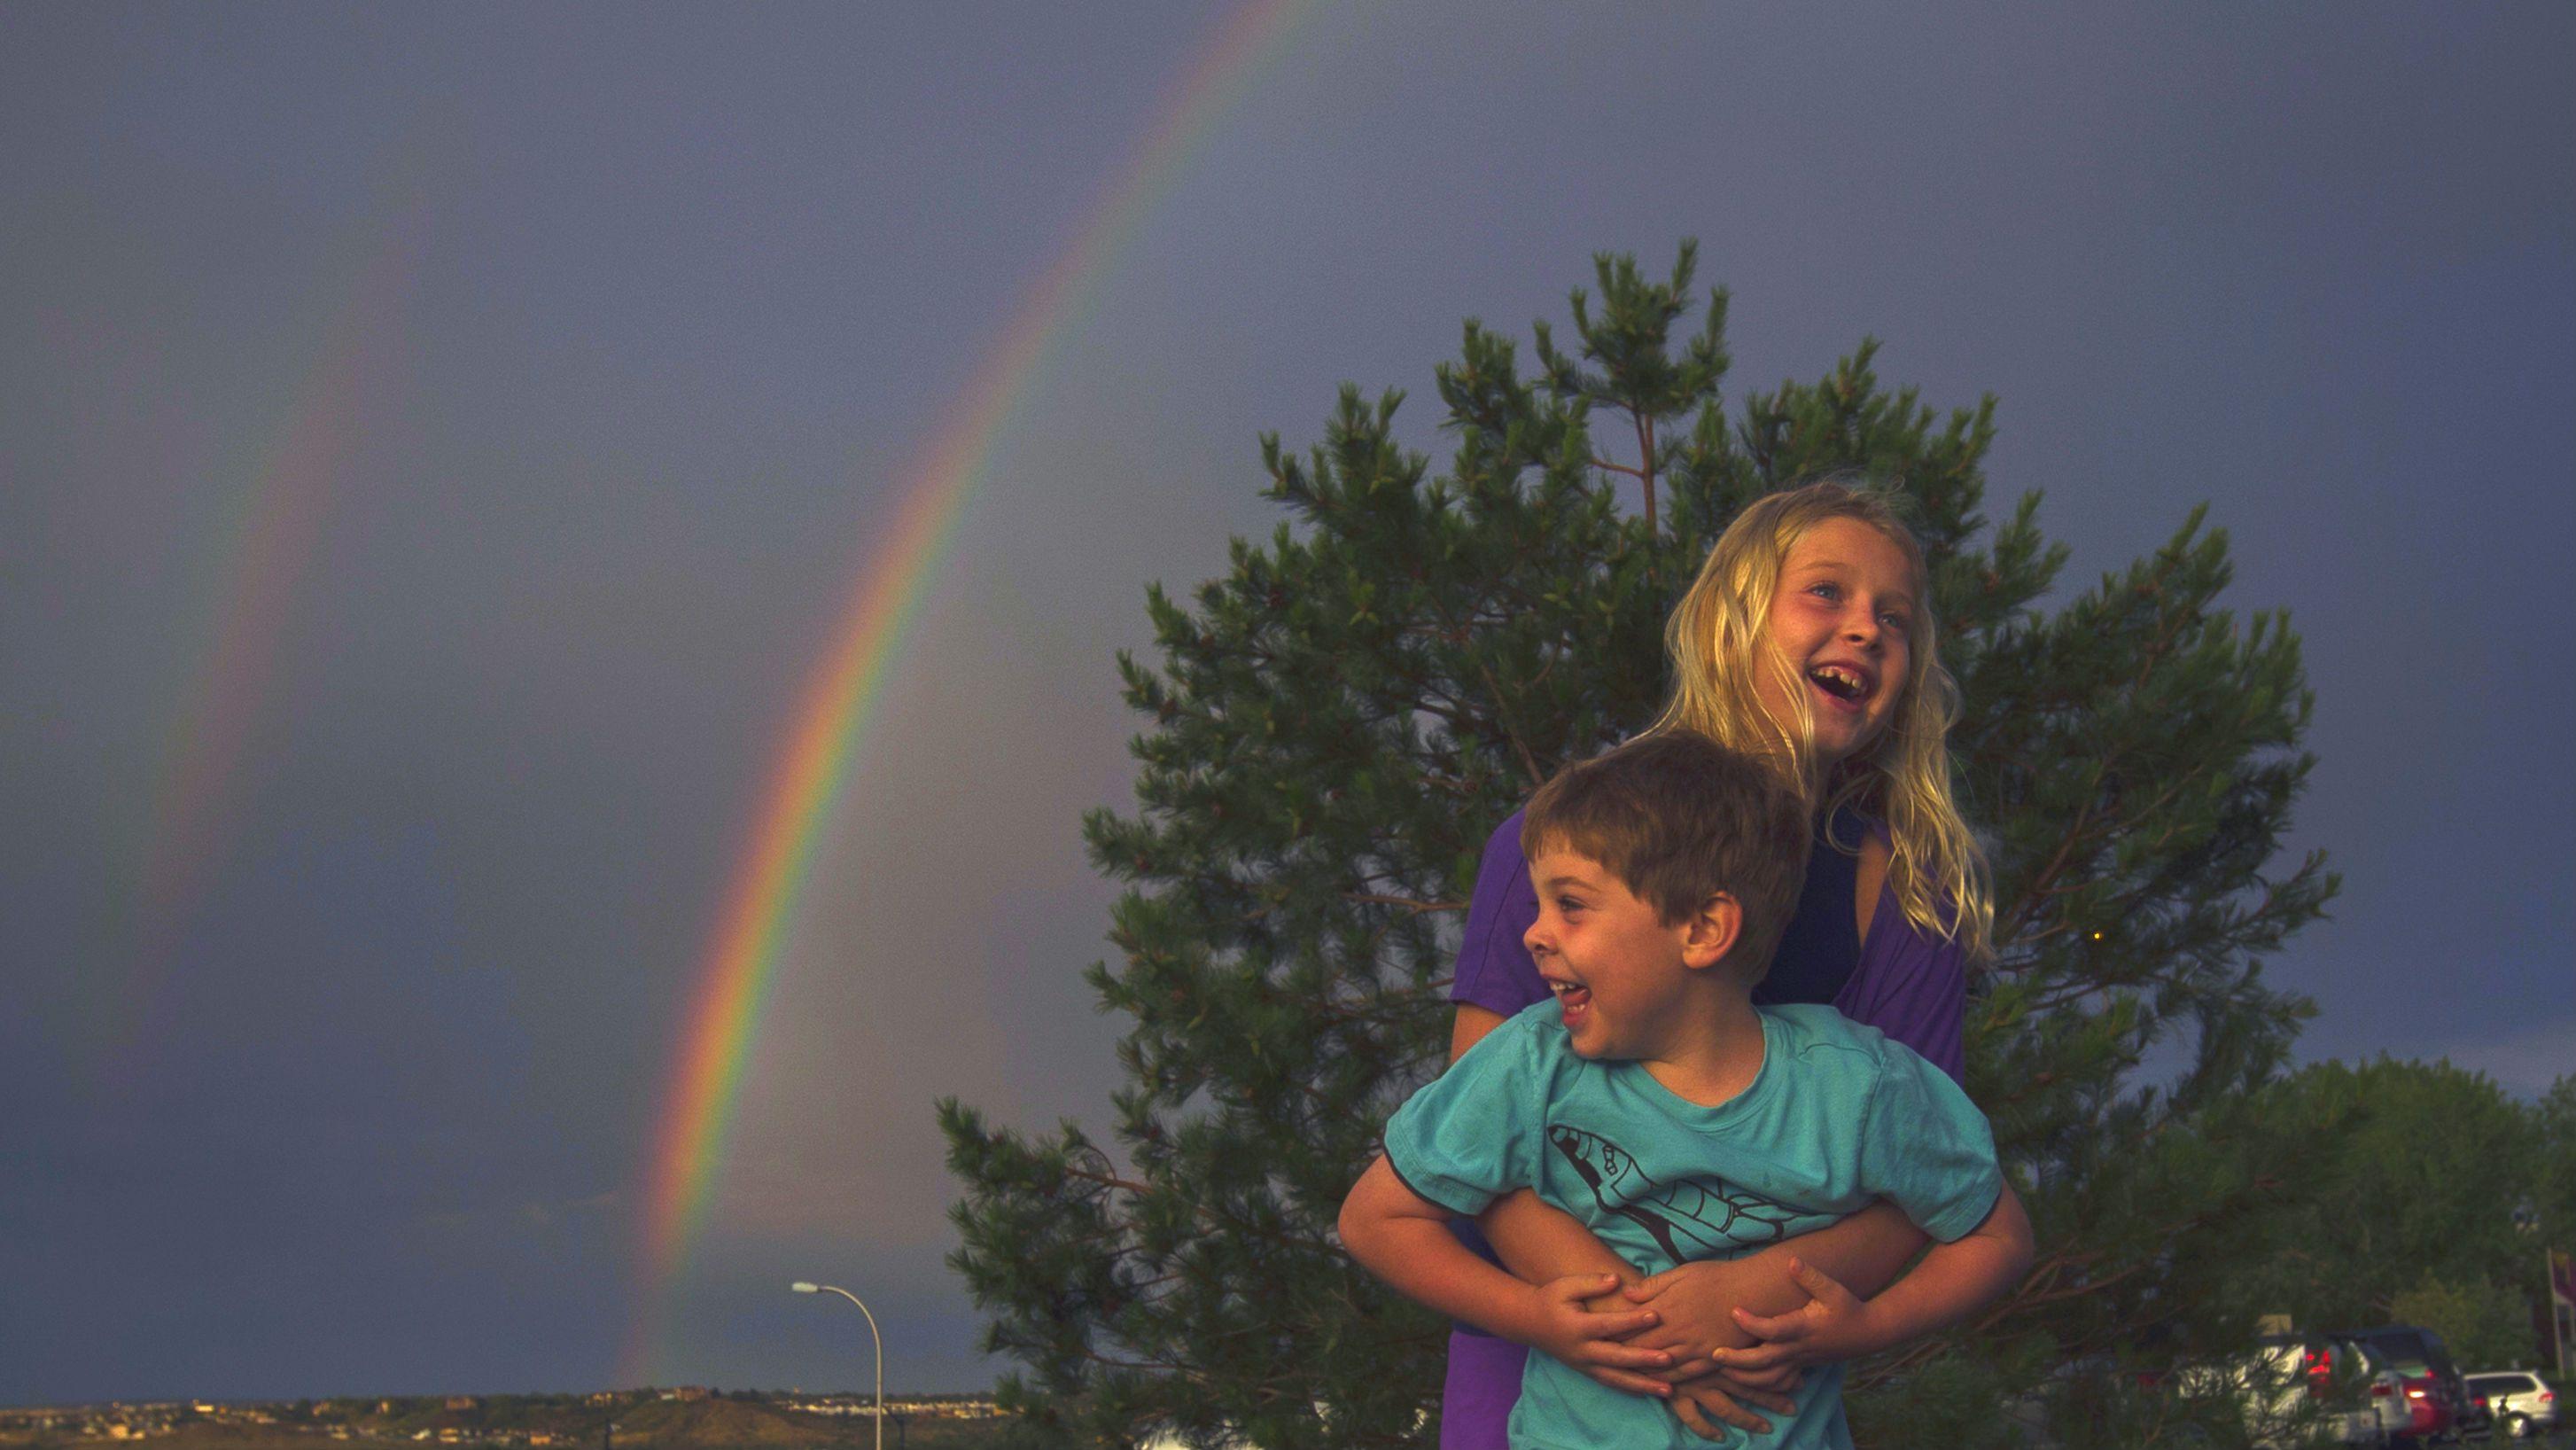 Children playing under a rainbow